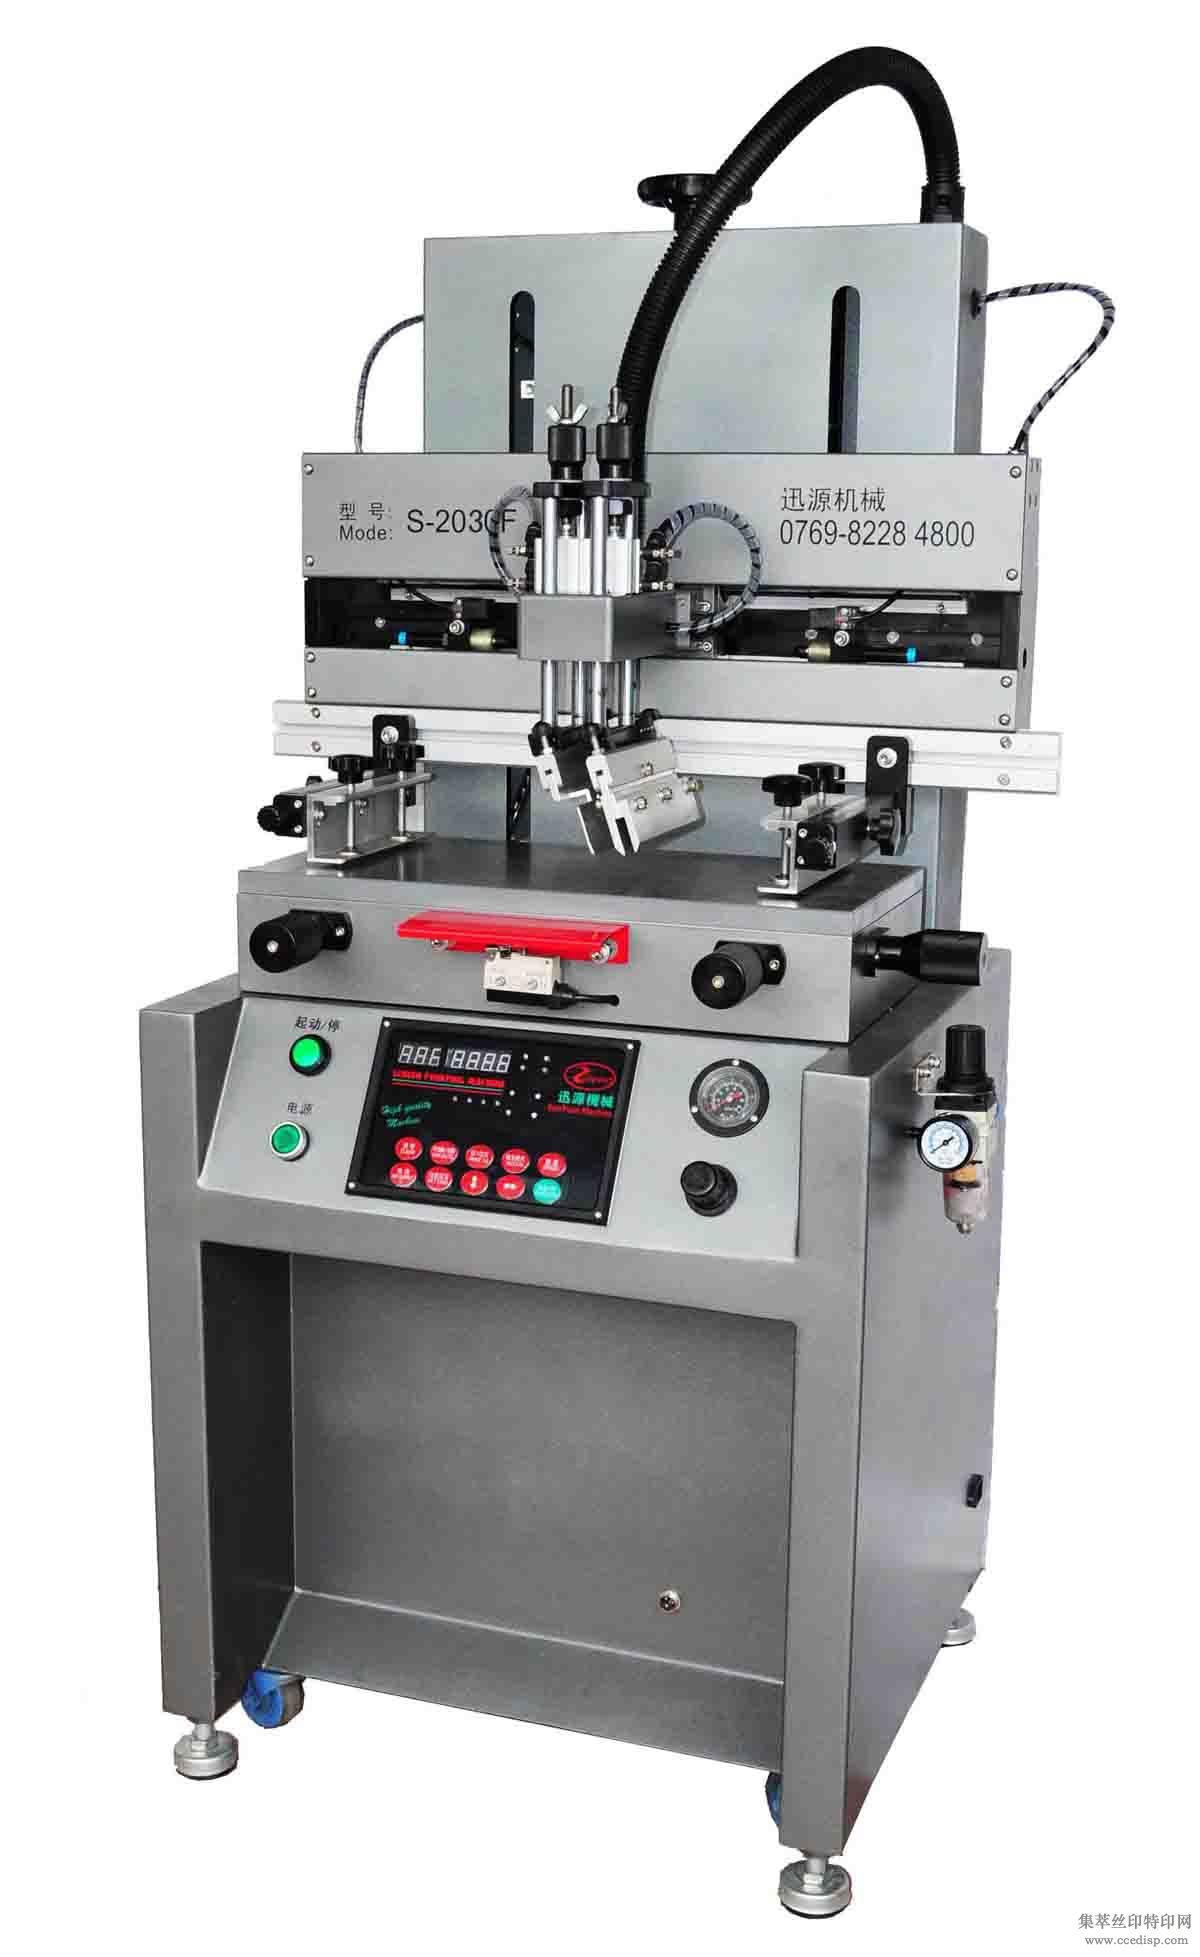 供应迅源S-2030立式小型平面丝印机,适合有机玻璃镜片印刷,厂家直销